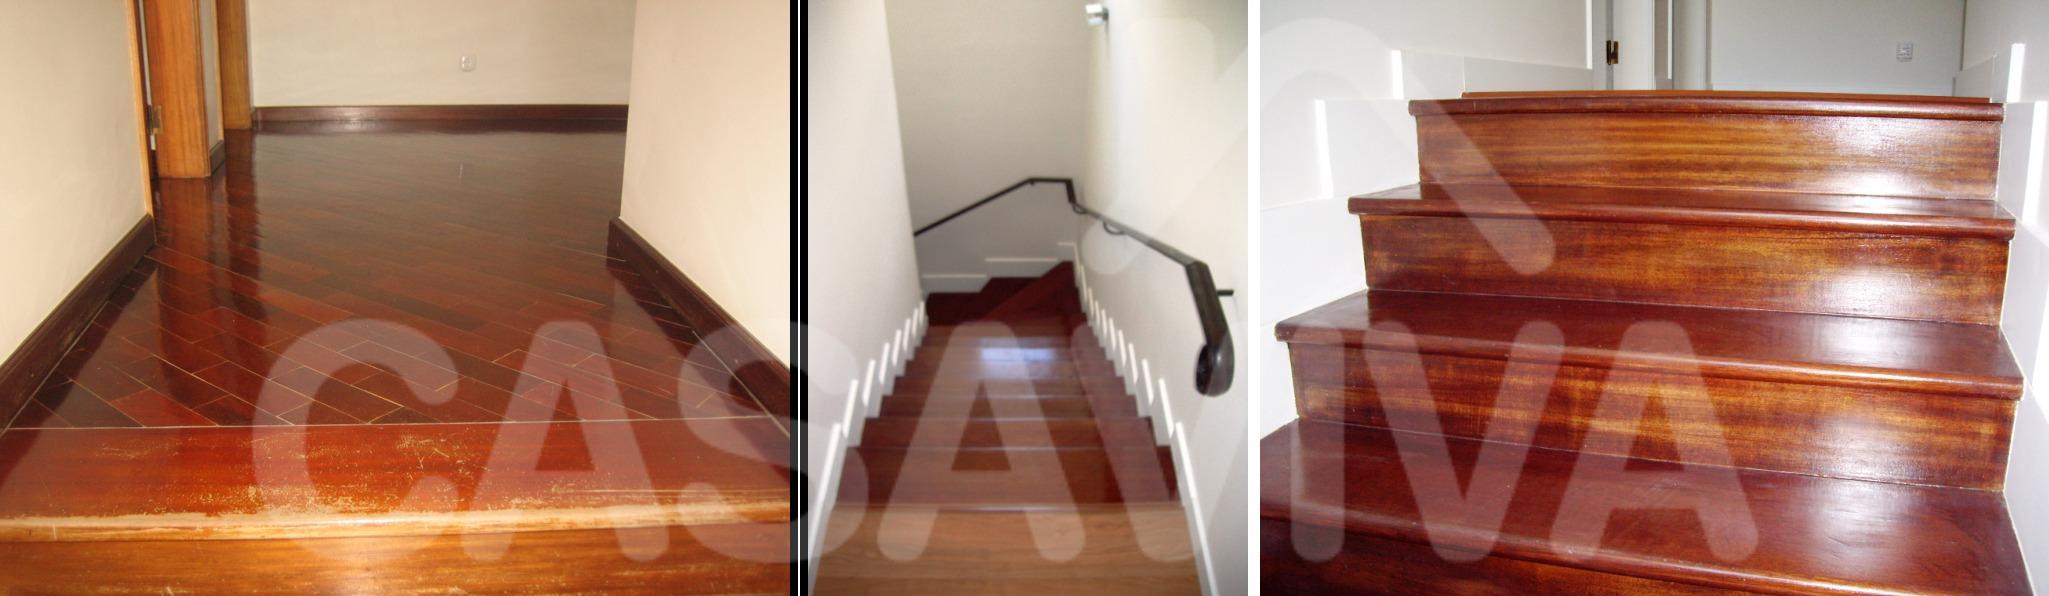 Recuperou-se a escadaria em madeira para acesso ao piso superior.